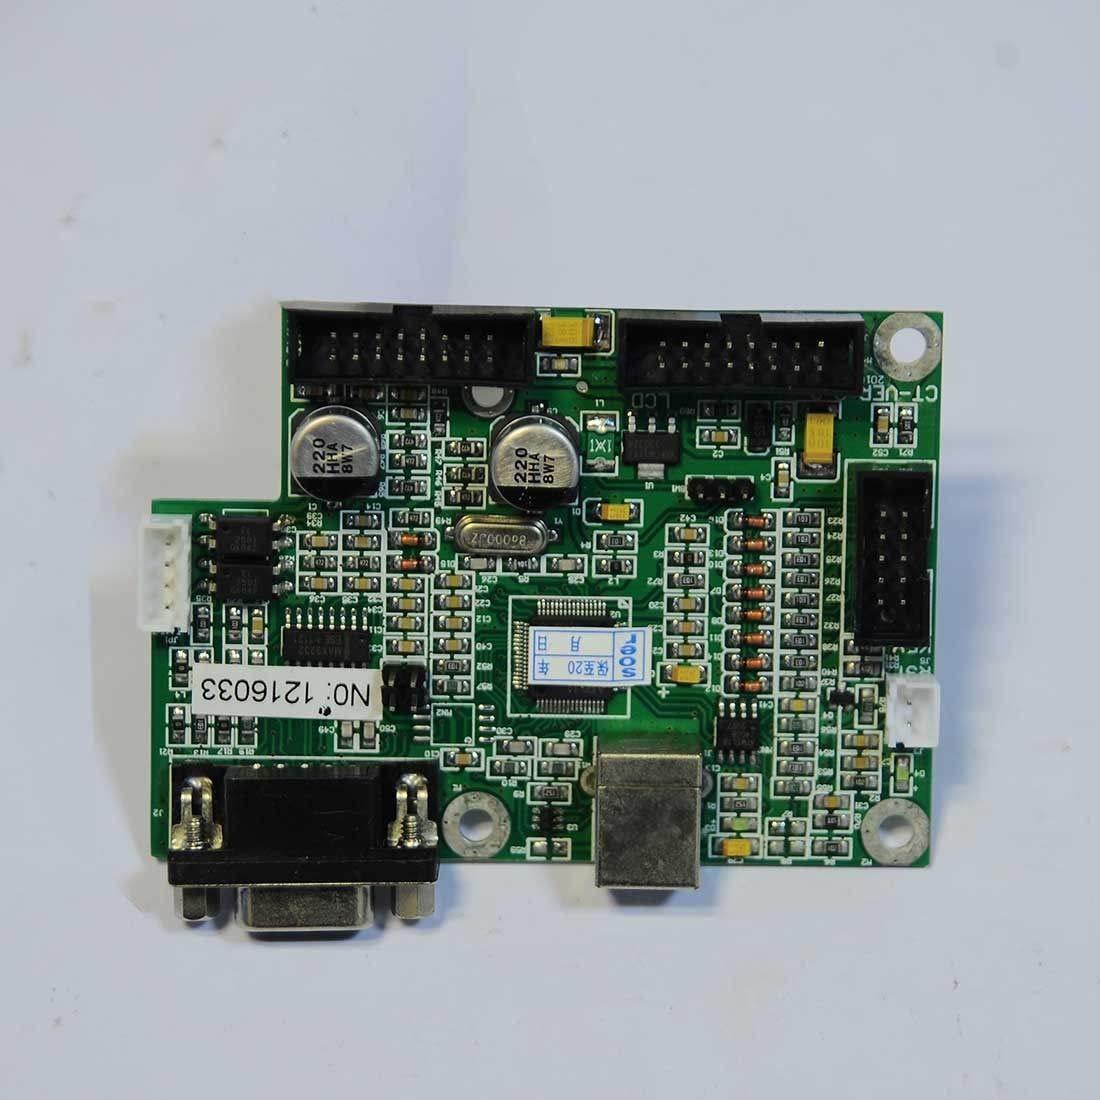 FidgetFidget Pcut Vinyl Cutting Plotter Mainboard Servo Board CT900 Mainboard